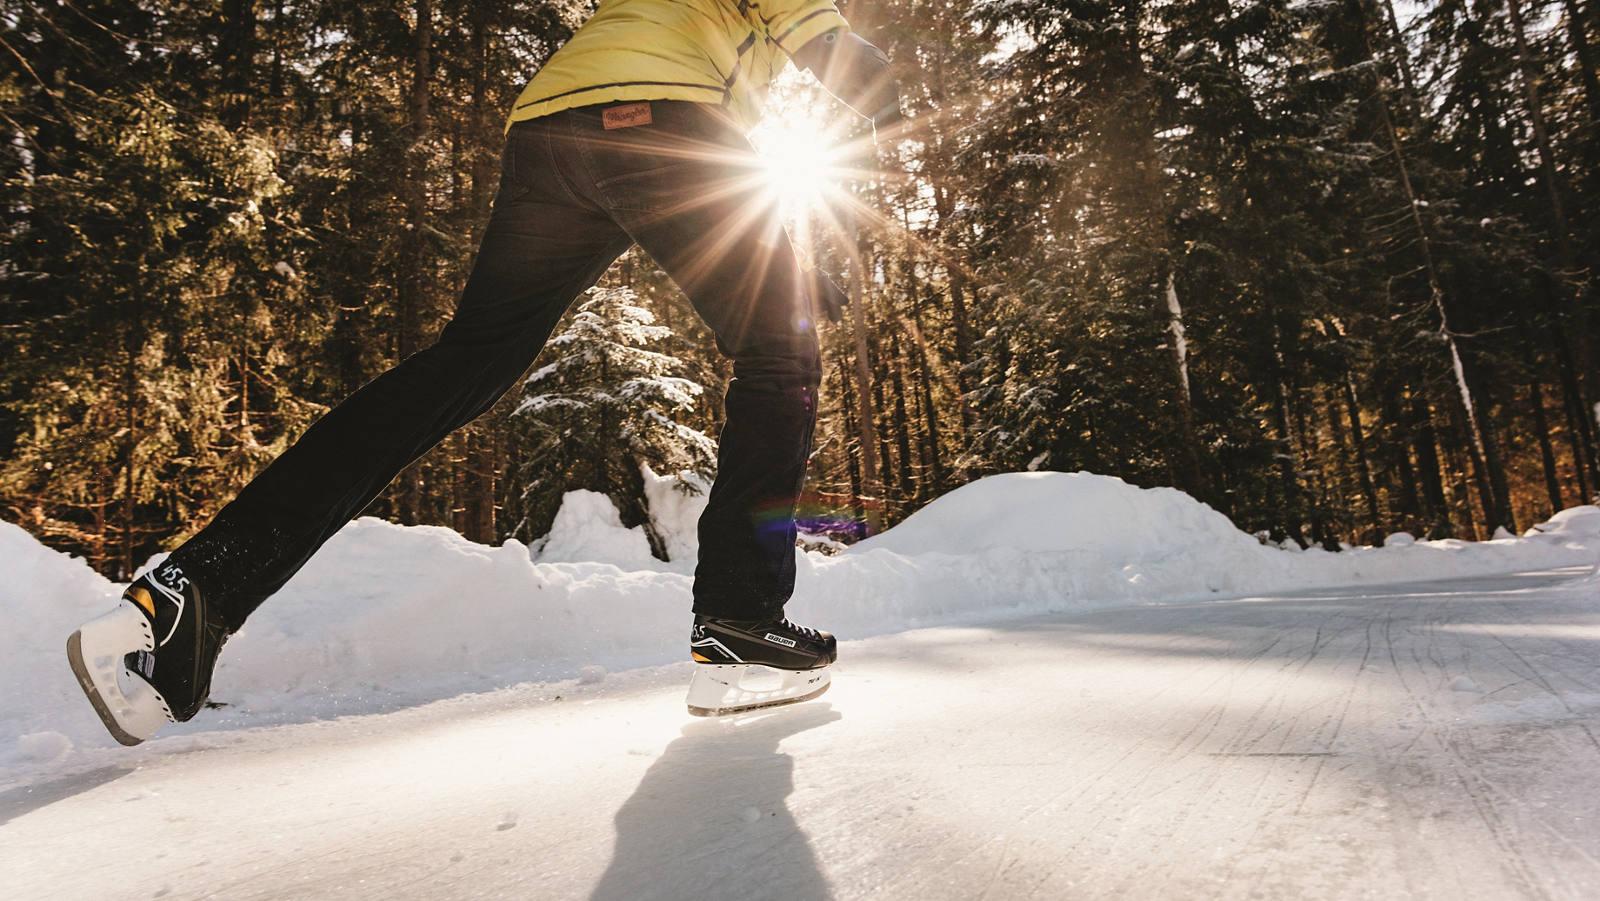 Skateline: Auf dem Eisweg durch den Wald cruisen